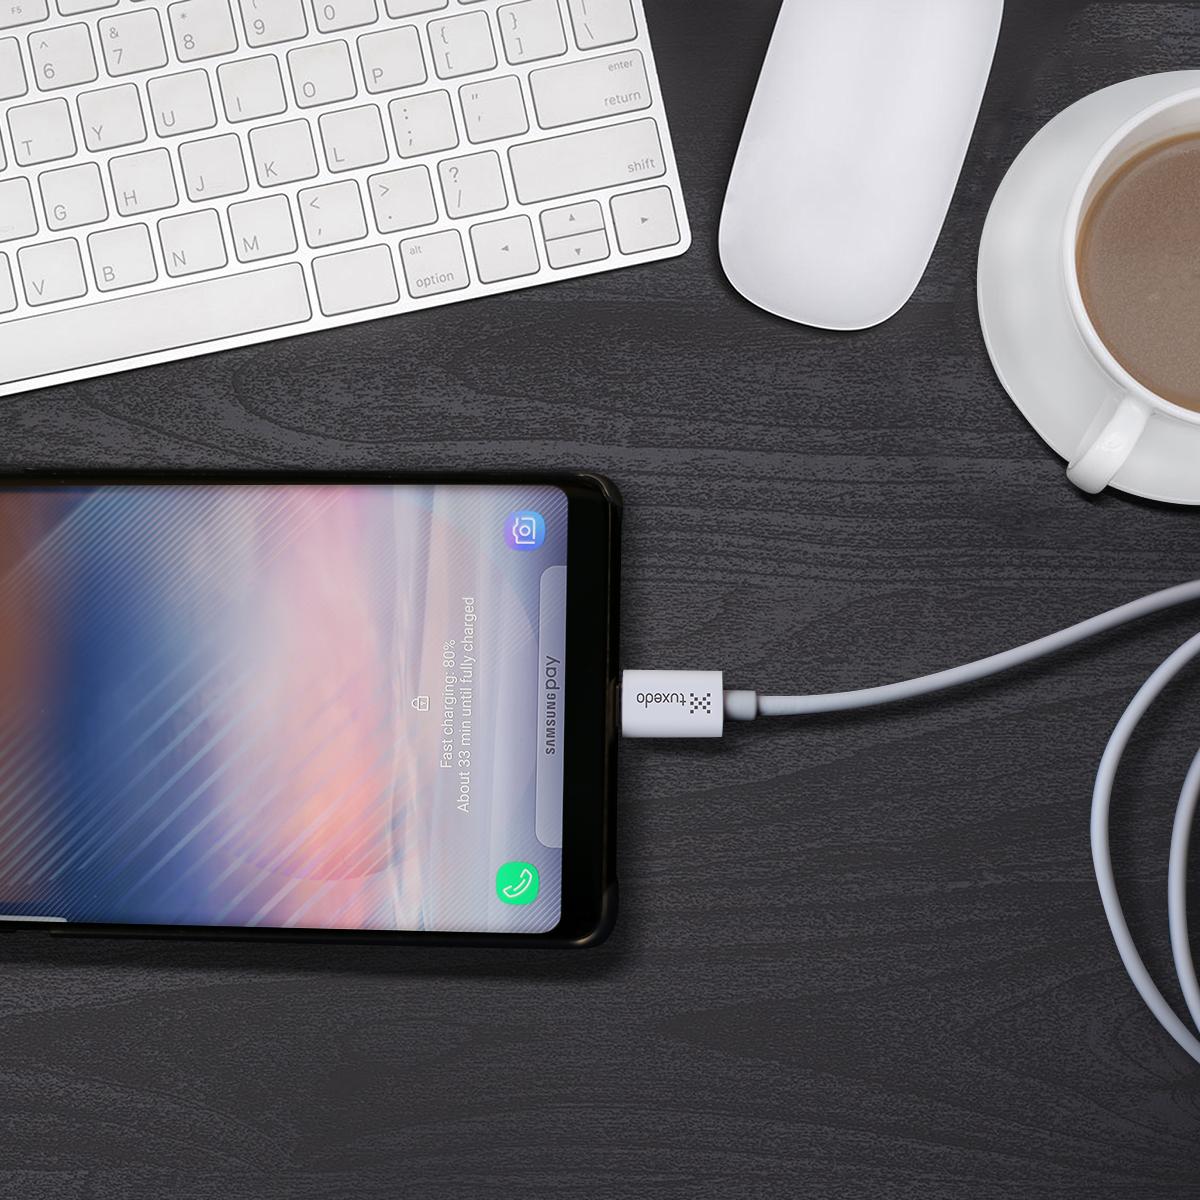 Cáp sạc điện thoại Tuxedo Type-C USB Data Cable dài 1m (hỗ trợ sạc nhanh)